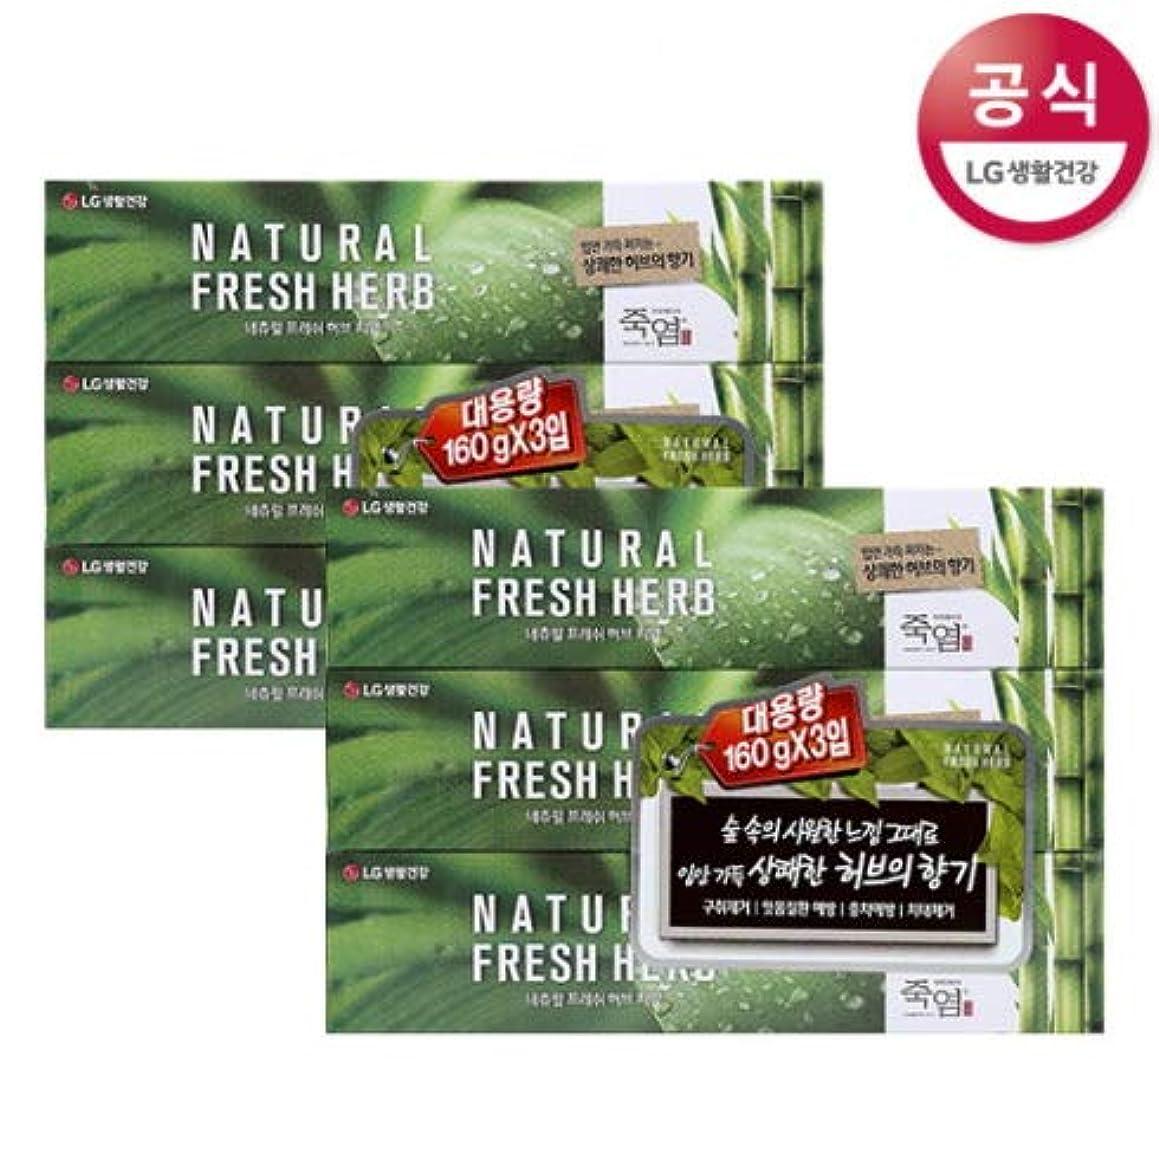 非互換申し立て義務づける[LG HnB] Bamboo Salt Natural Fresh Herbal Toothpaste/竹塩ナチュラルフレッシュハーブ歯磨き粉 160gx6個(海外直送品)